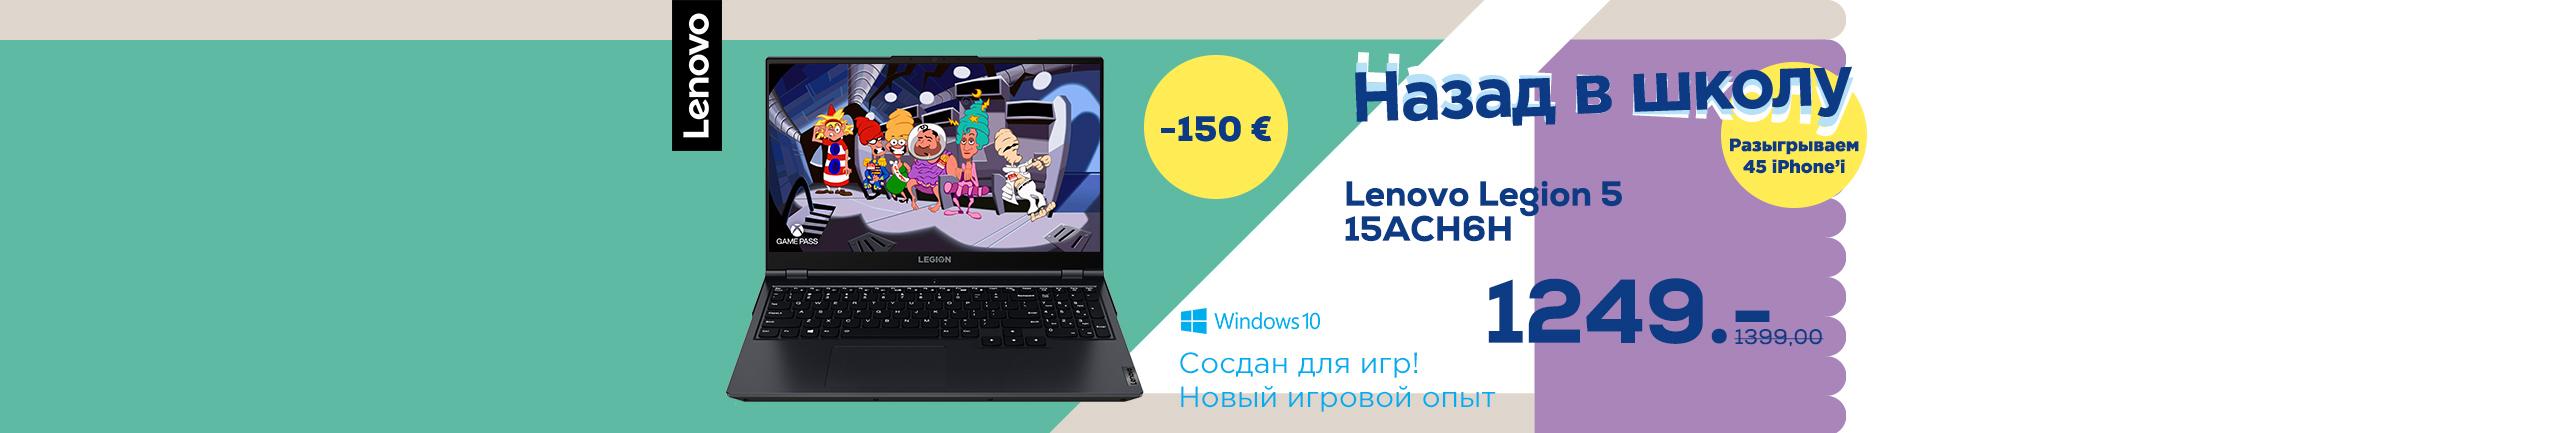 NPL Купите любой компьютер и выиграйте новый iPhone 12 mini, Lenovo Legion